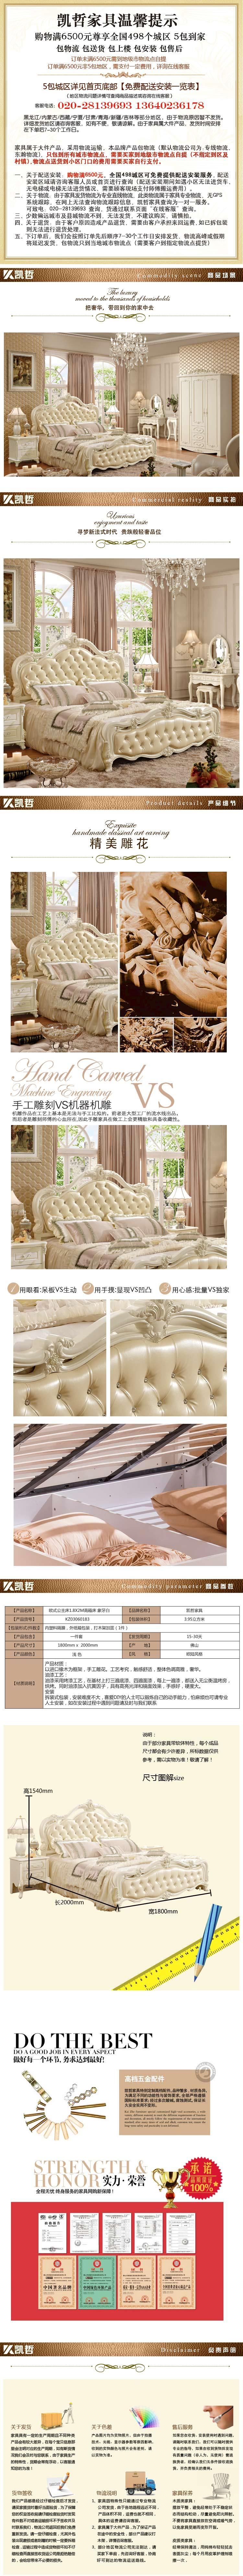 凯哲家具专场欧式公主床1.8*2m高箱床